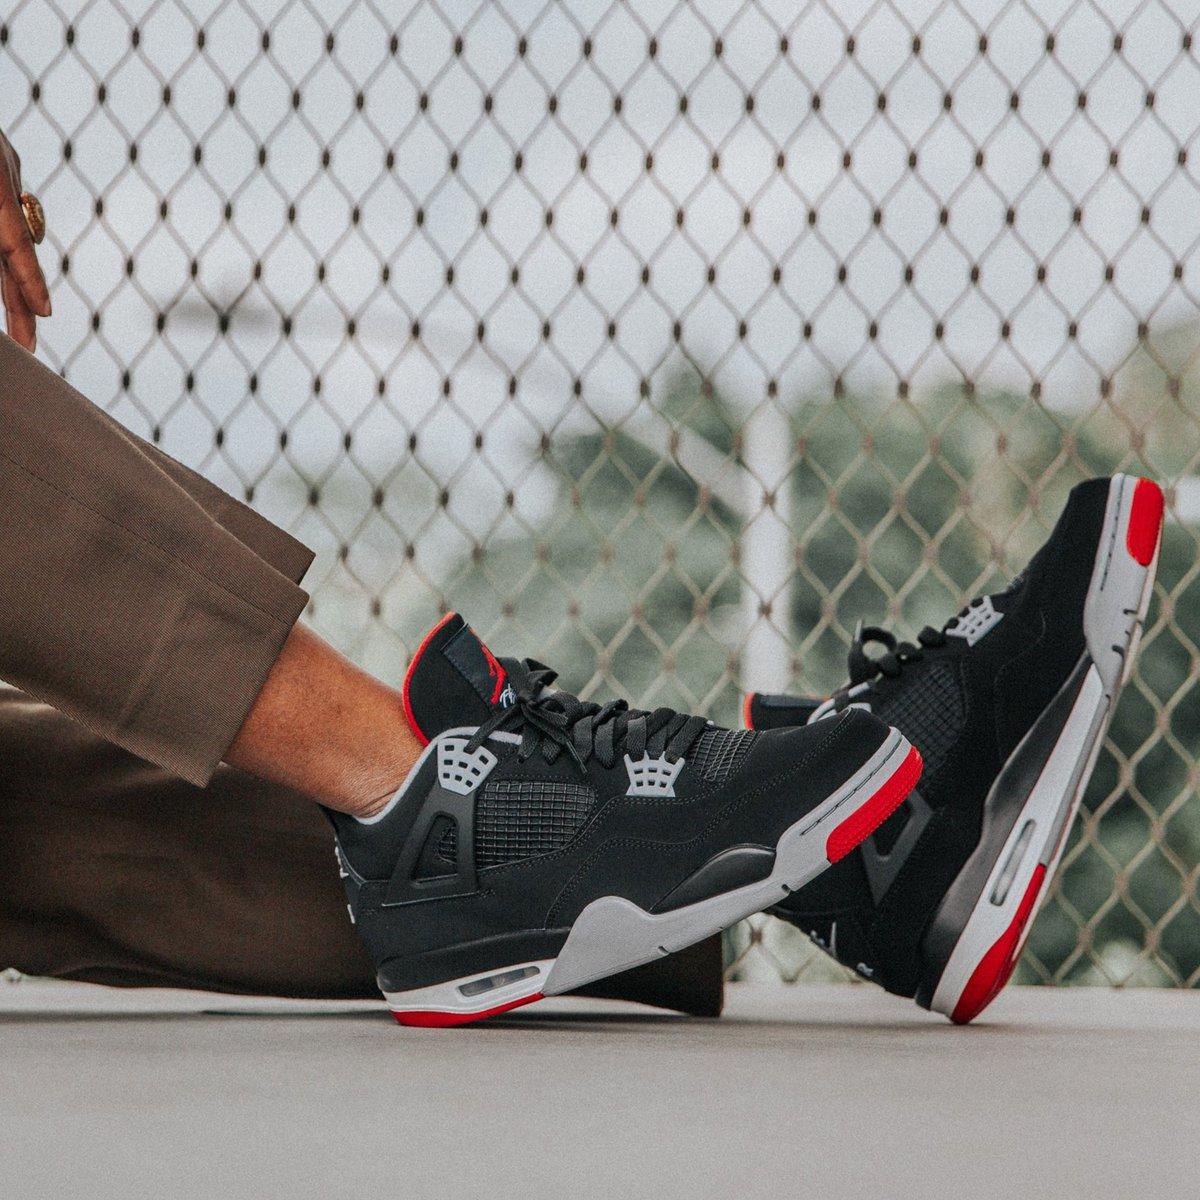 f59c8ffa4d75 YoMzansi SNEAKERS ( yoMzansiSneaker)